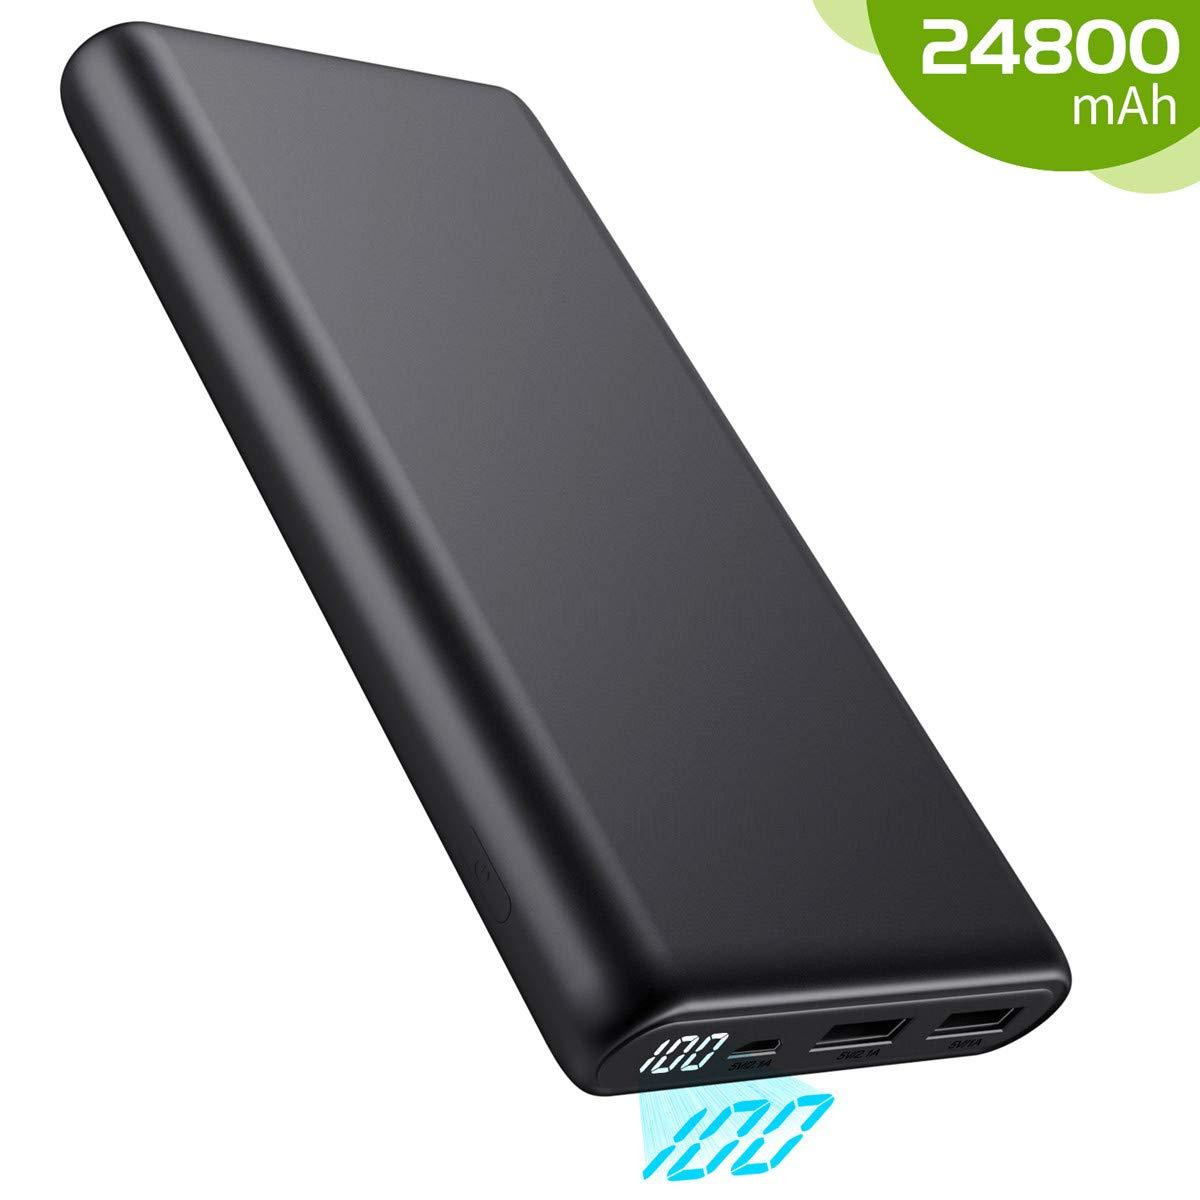 Powerbank 24800mAh 2 USB 11.9€